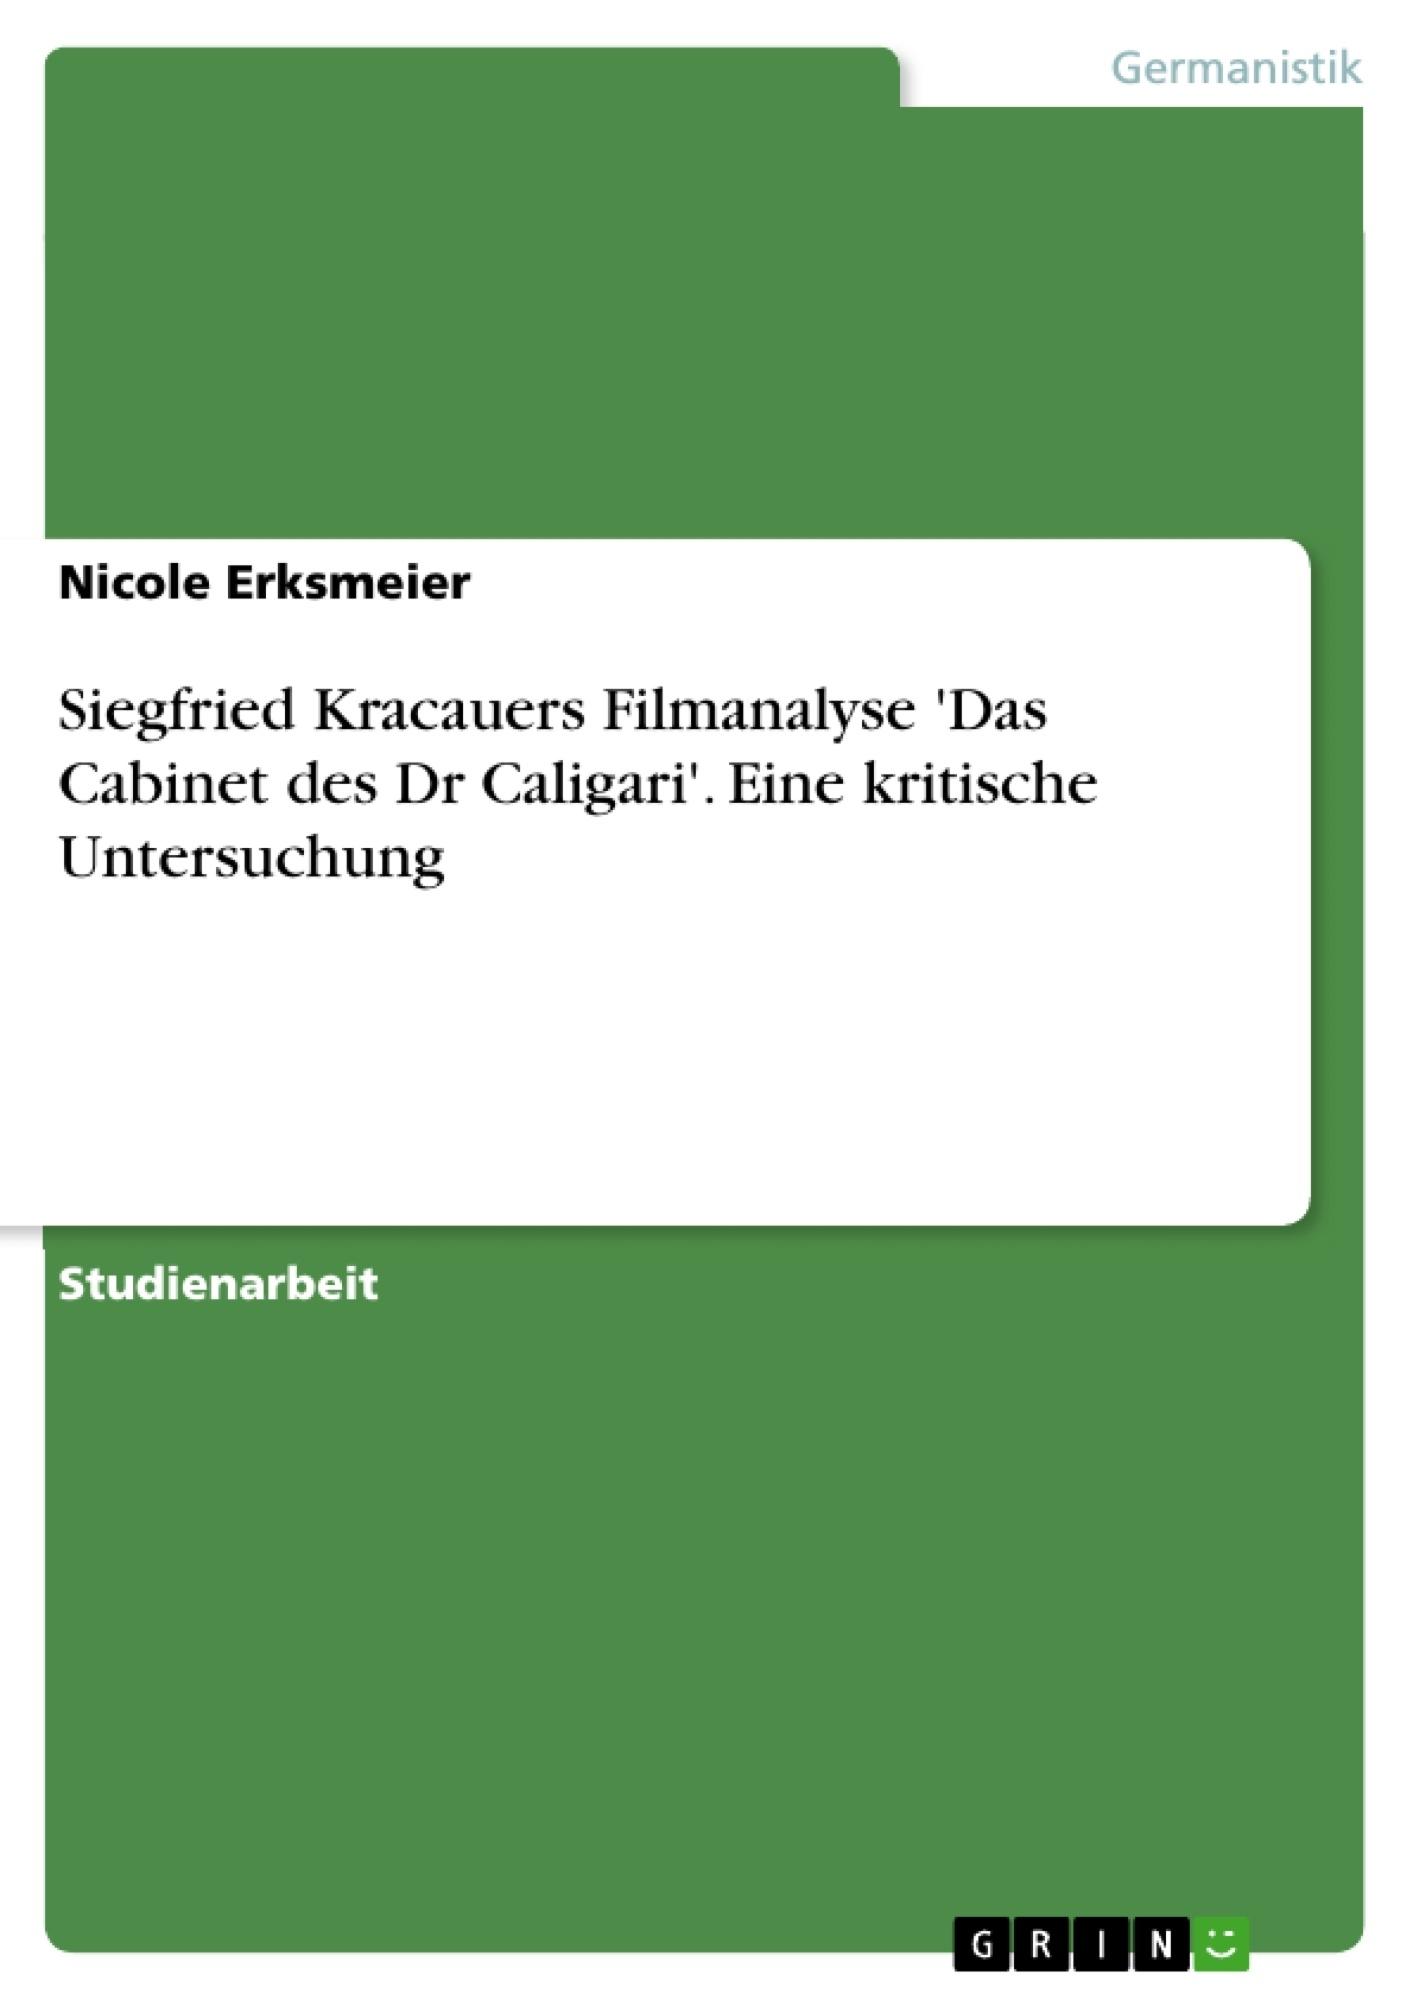 Titel: Siegfried Kracauers Filmanalyse 'Das Cabinet des Dr Caligari'. Eine kritische Untersuchung